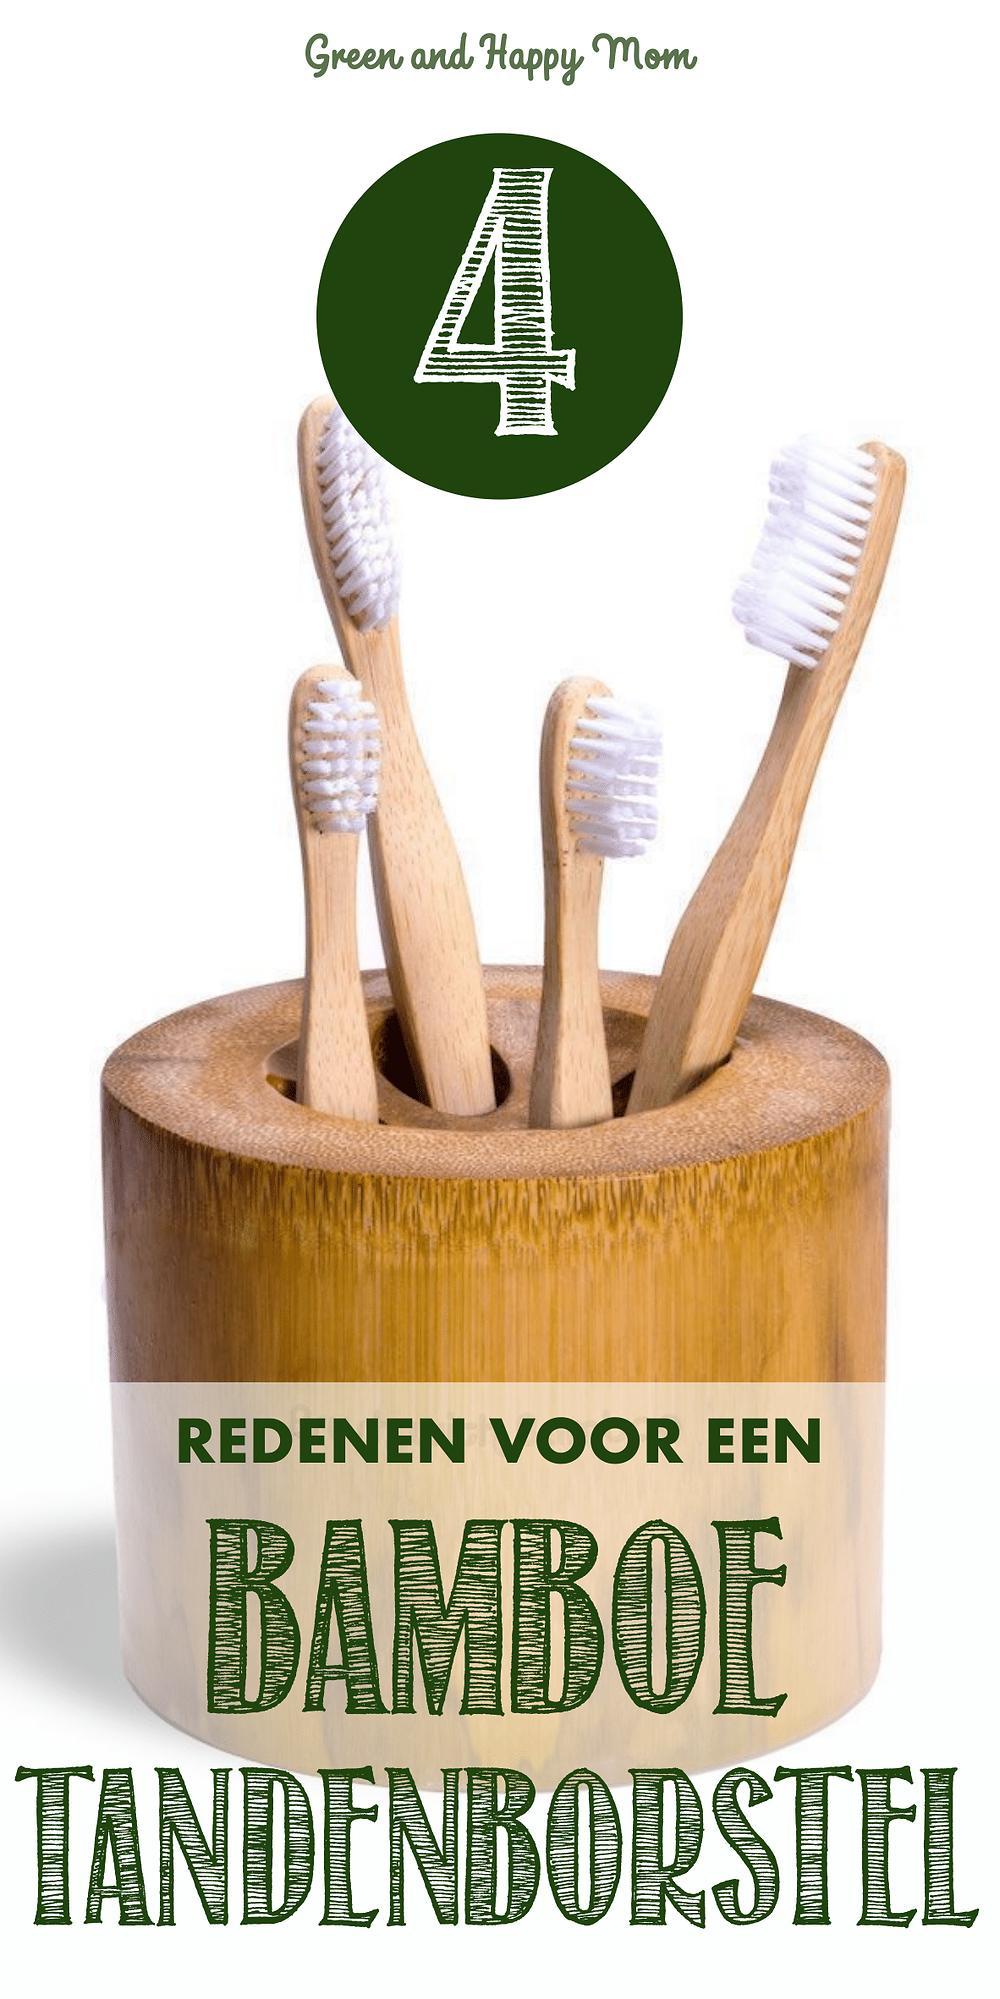 4 redenen voor een bamboe tanden borstel